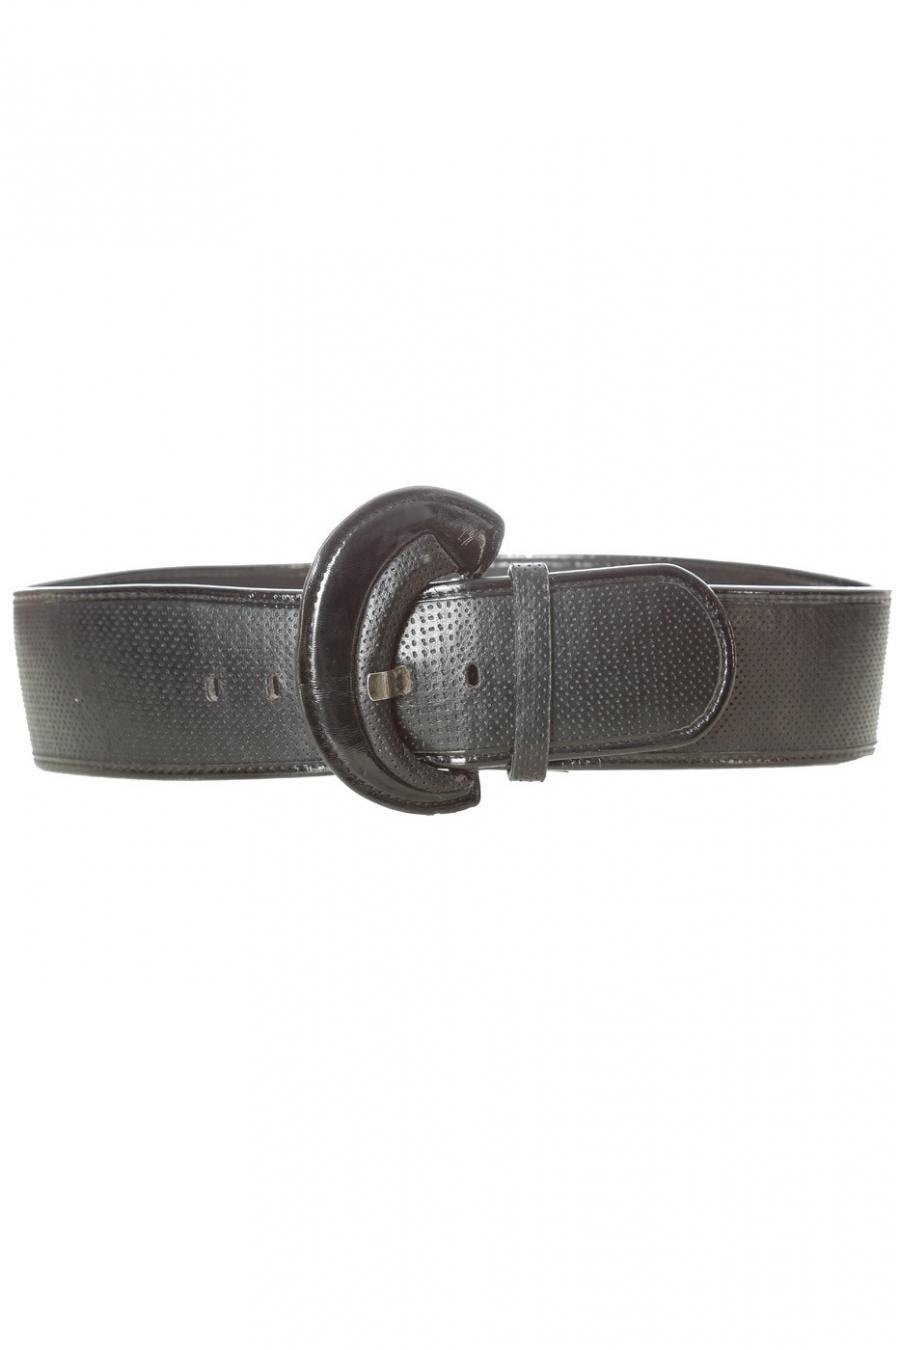 Zwarte doorgestikte riem met glanzende ovale gesp. BG-0101